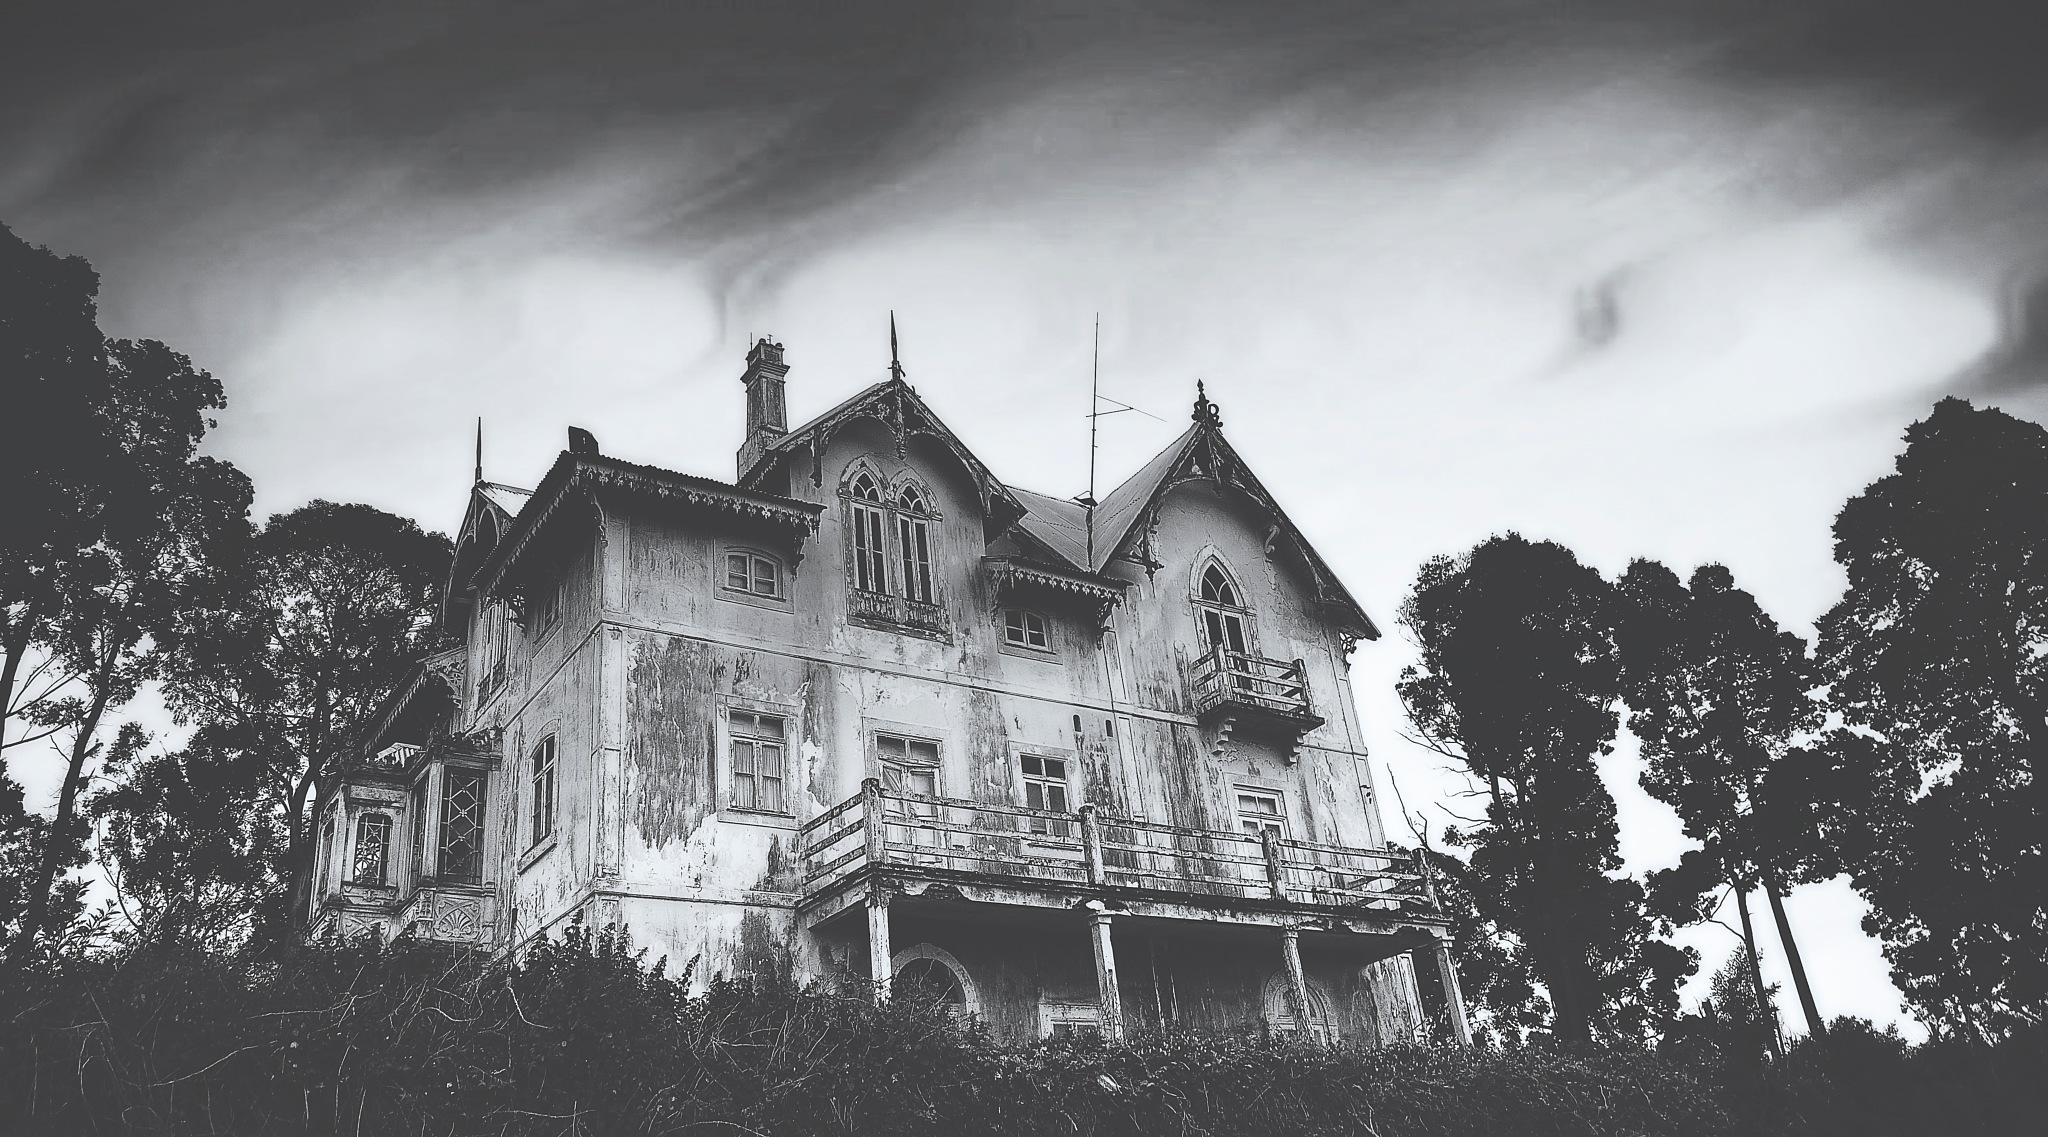 Spooky by Linette Simões